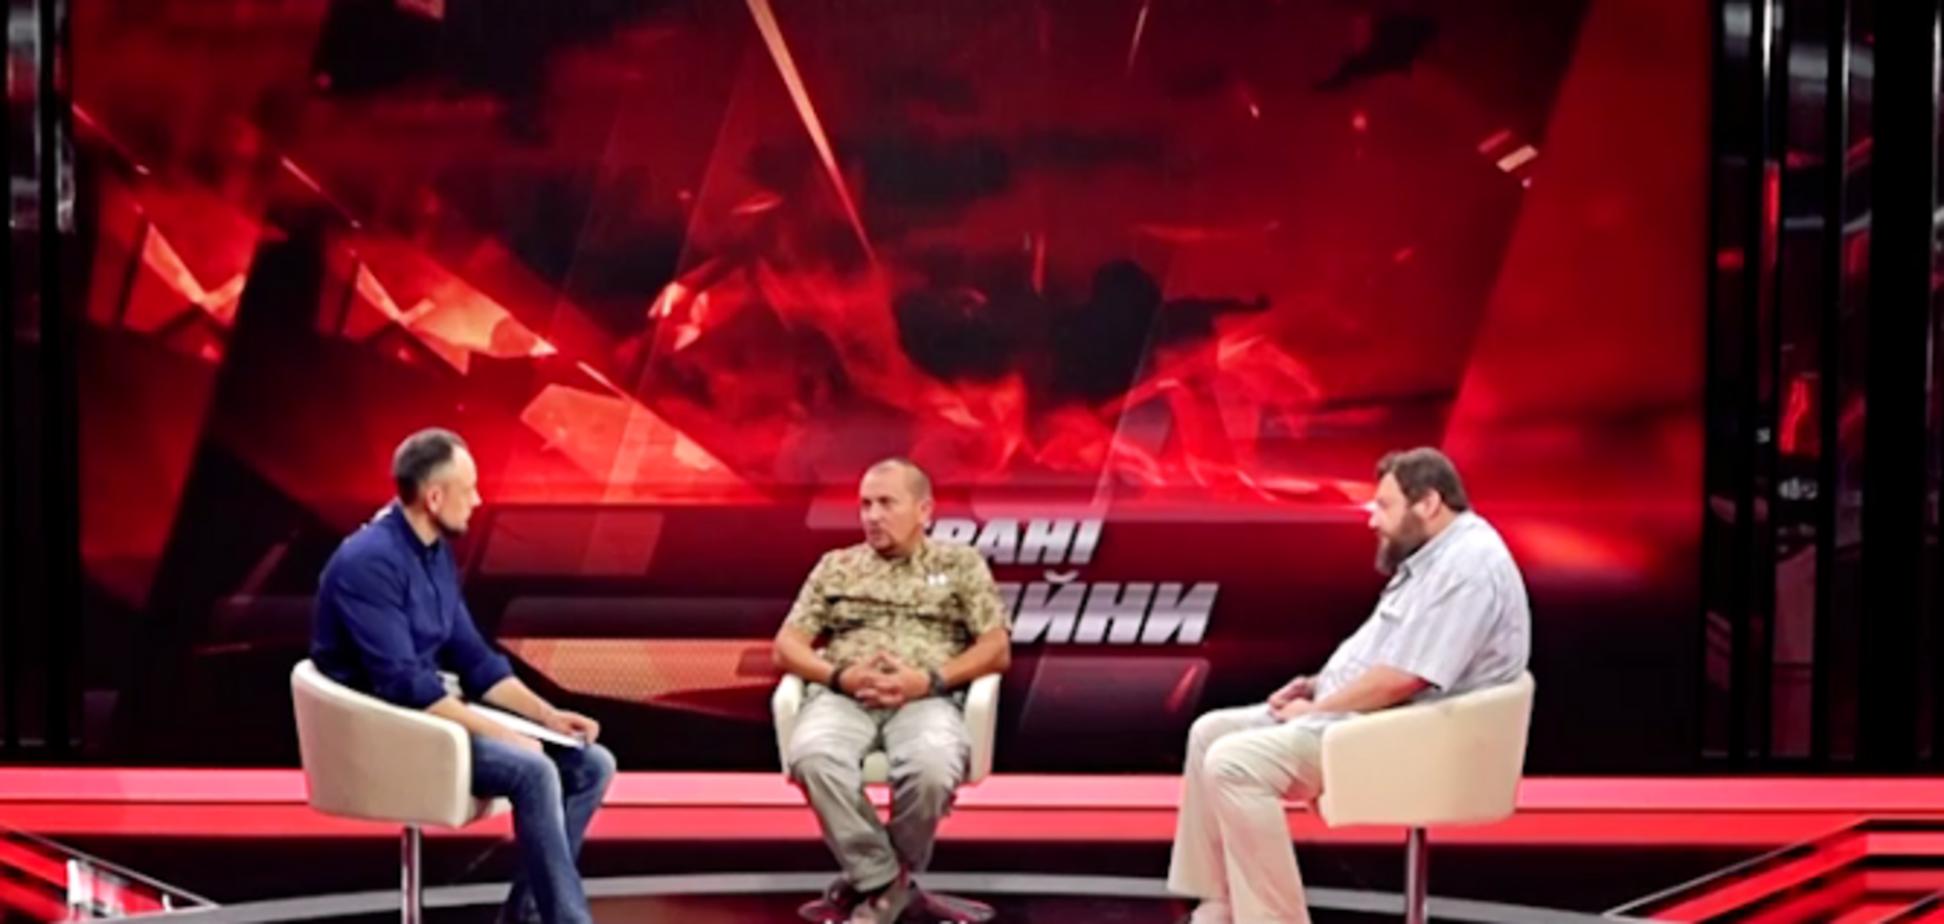 От Славянска до Иловайска: как происходило освобождение оккупированных территорий